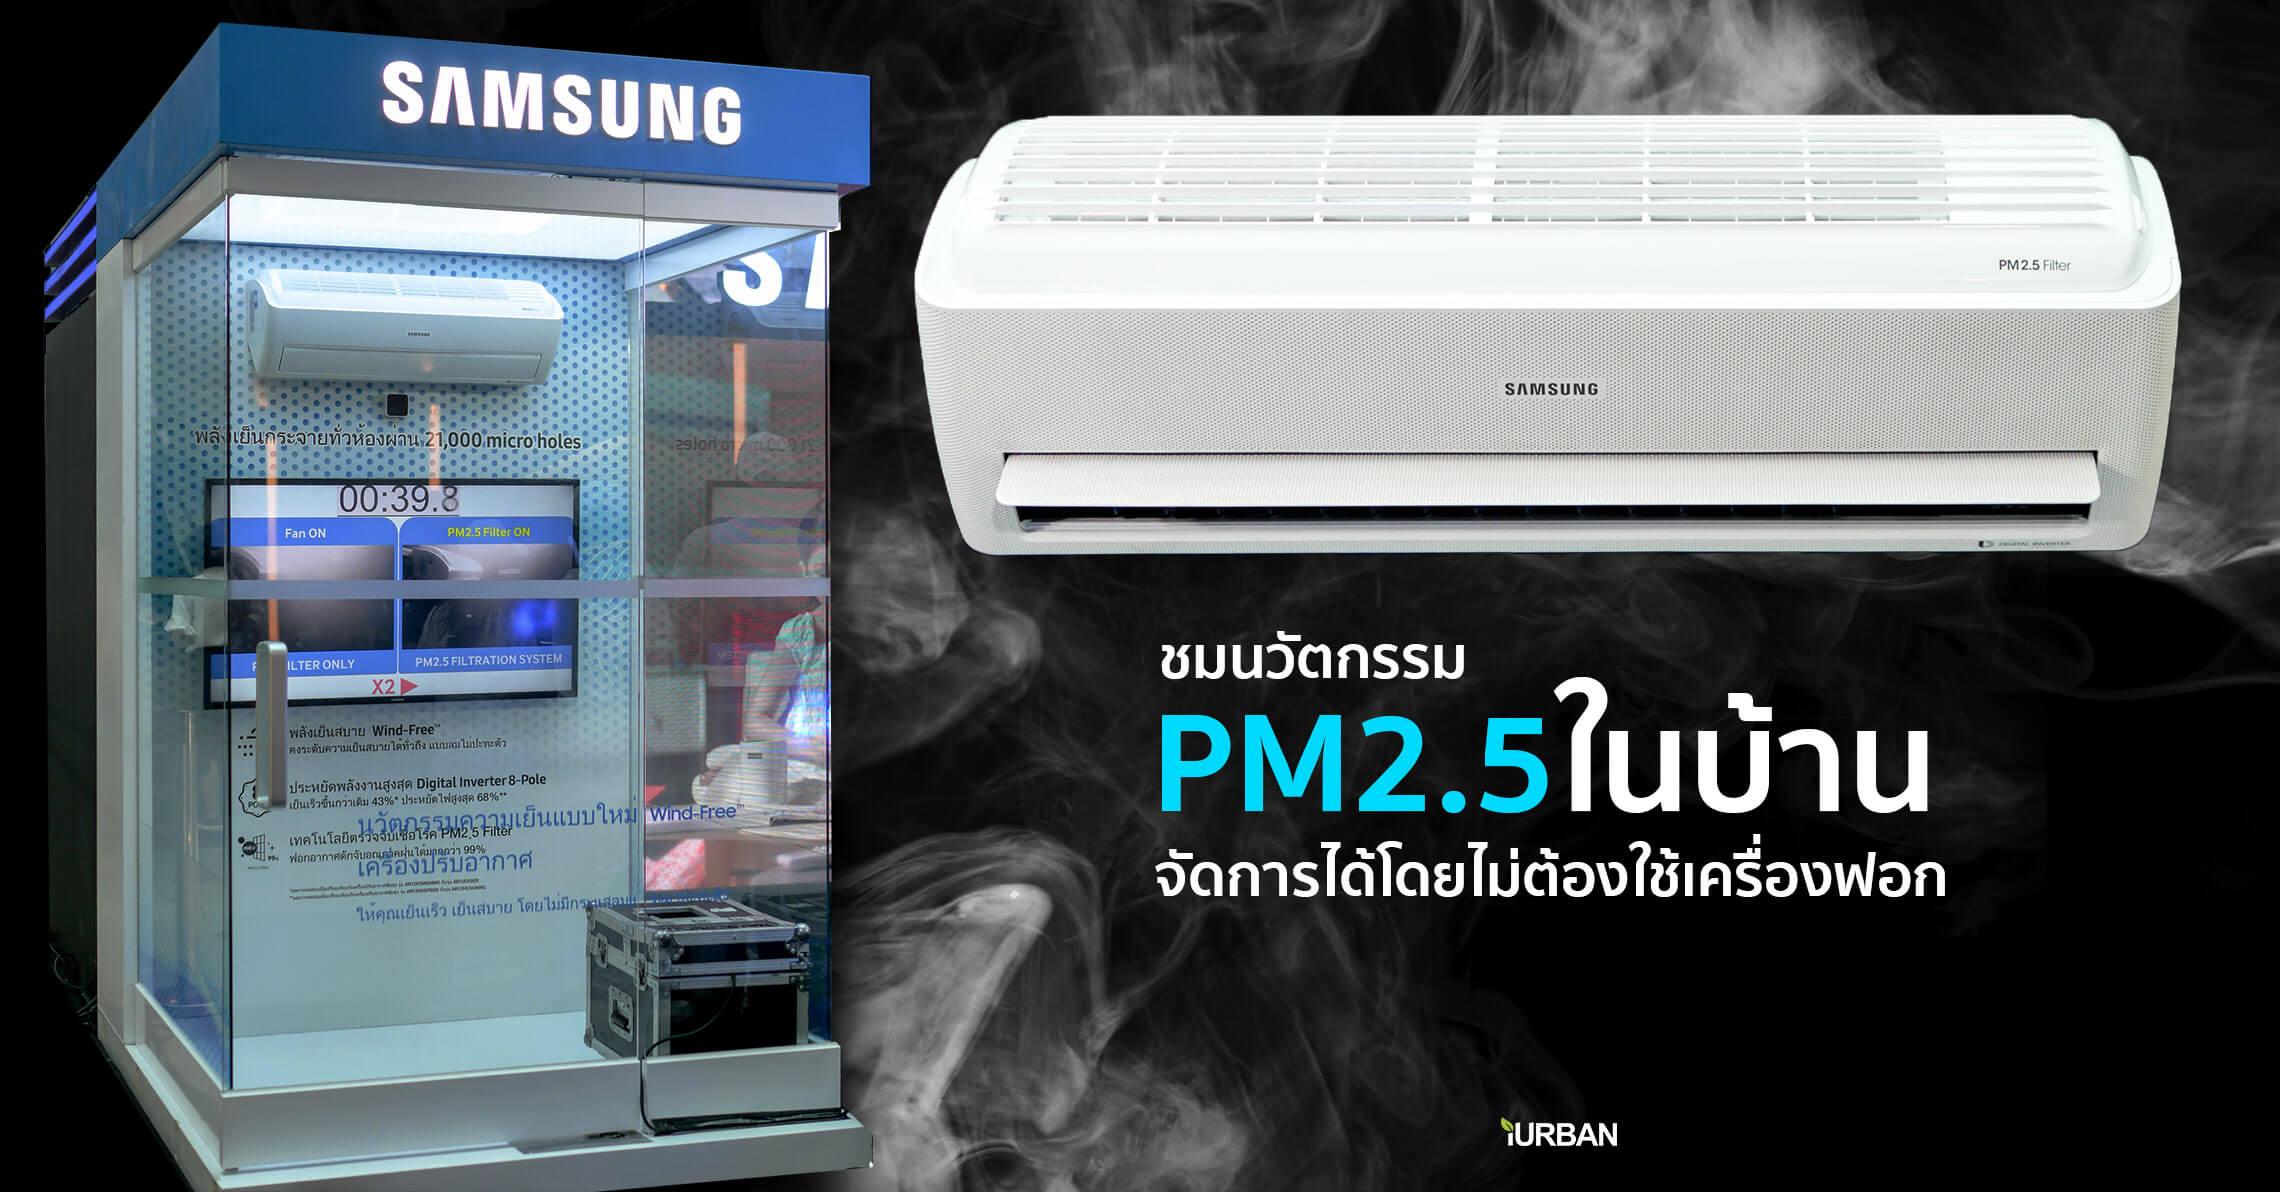 """แอร์ที่กรอง PM2.5 ได้ในเครื่องเดียว SAMSUNG Wind-Free Plus มากกว่าเครื่องฟอกอากาศถึงระดับ """"ไวรัส"""" 4 - samsung"""